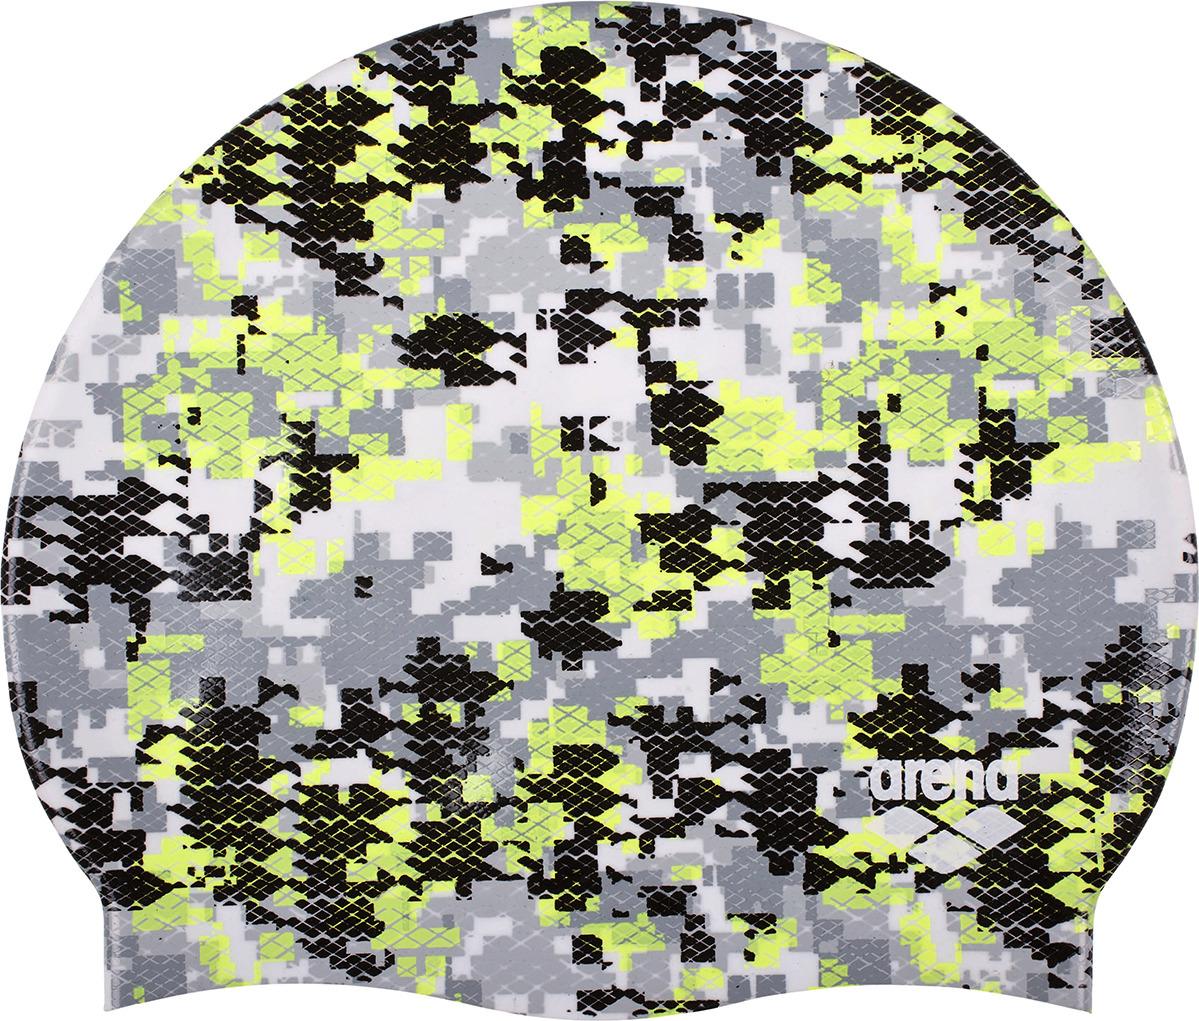 Шапочка для плавания Arena Print 2 Arena Camouflage, цвет: черный. 1E368 503 шапочка для плавания arena polyester  цвет  темно синий